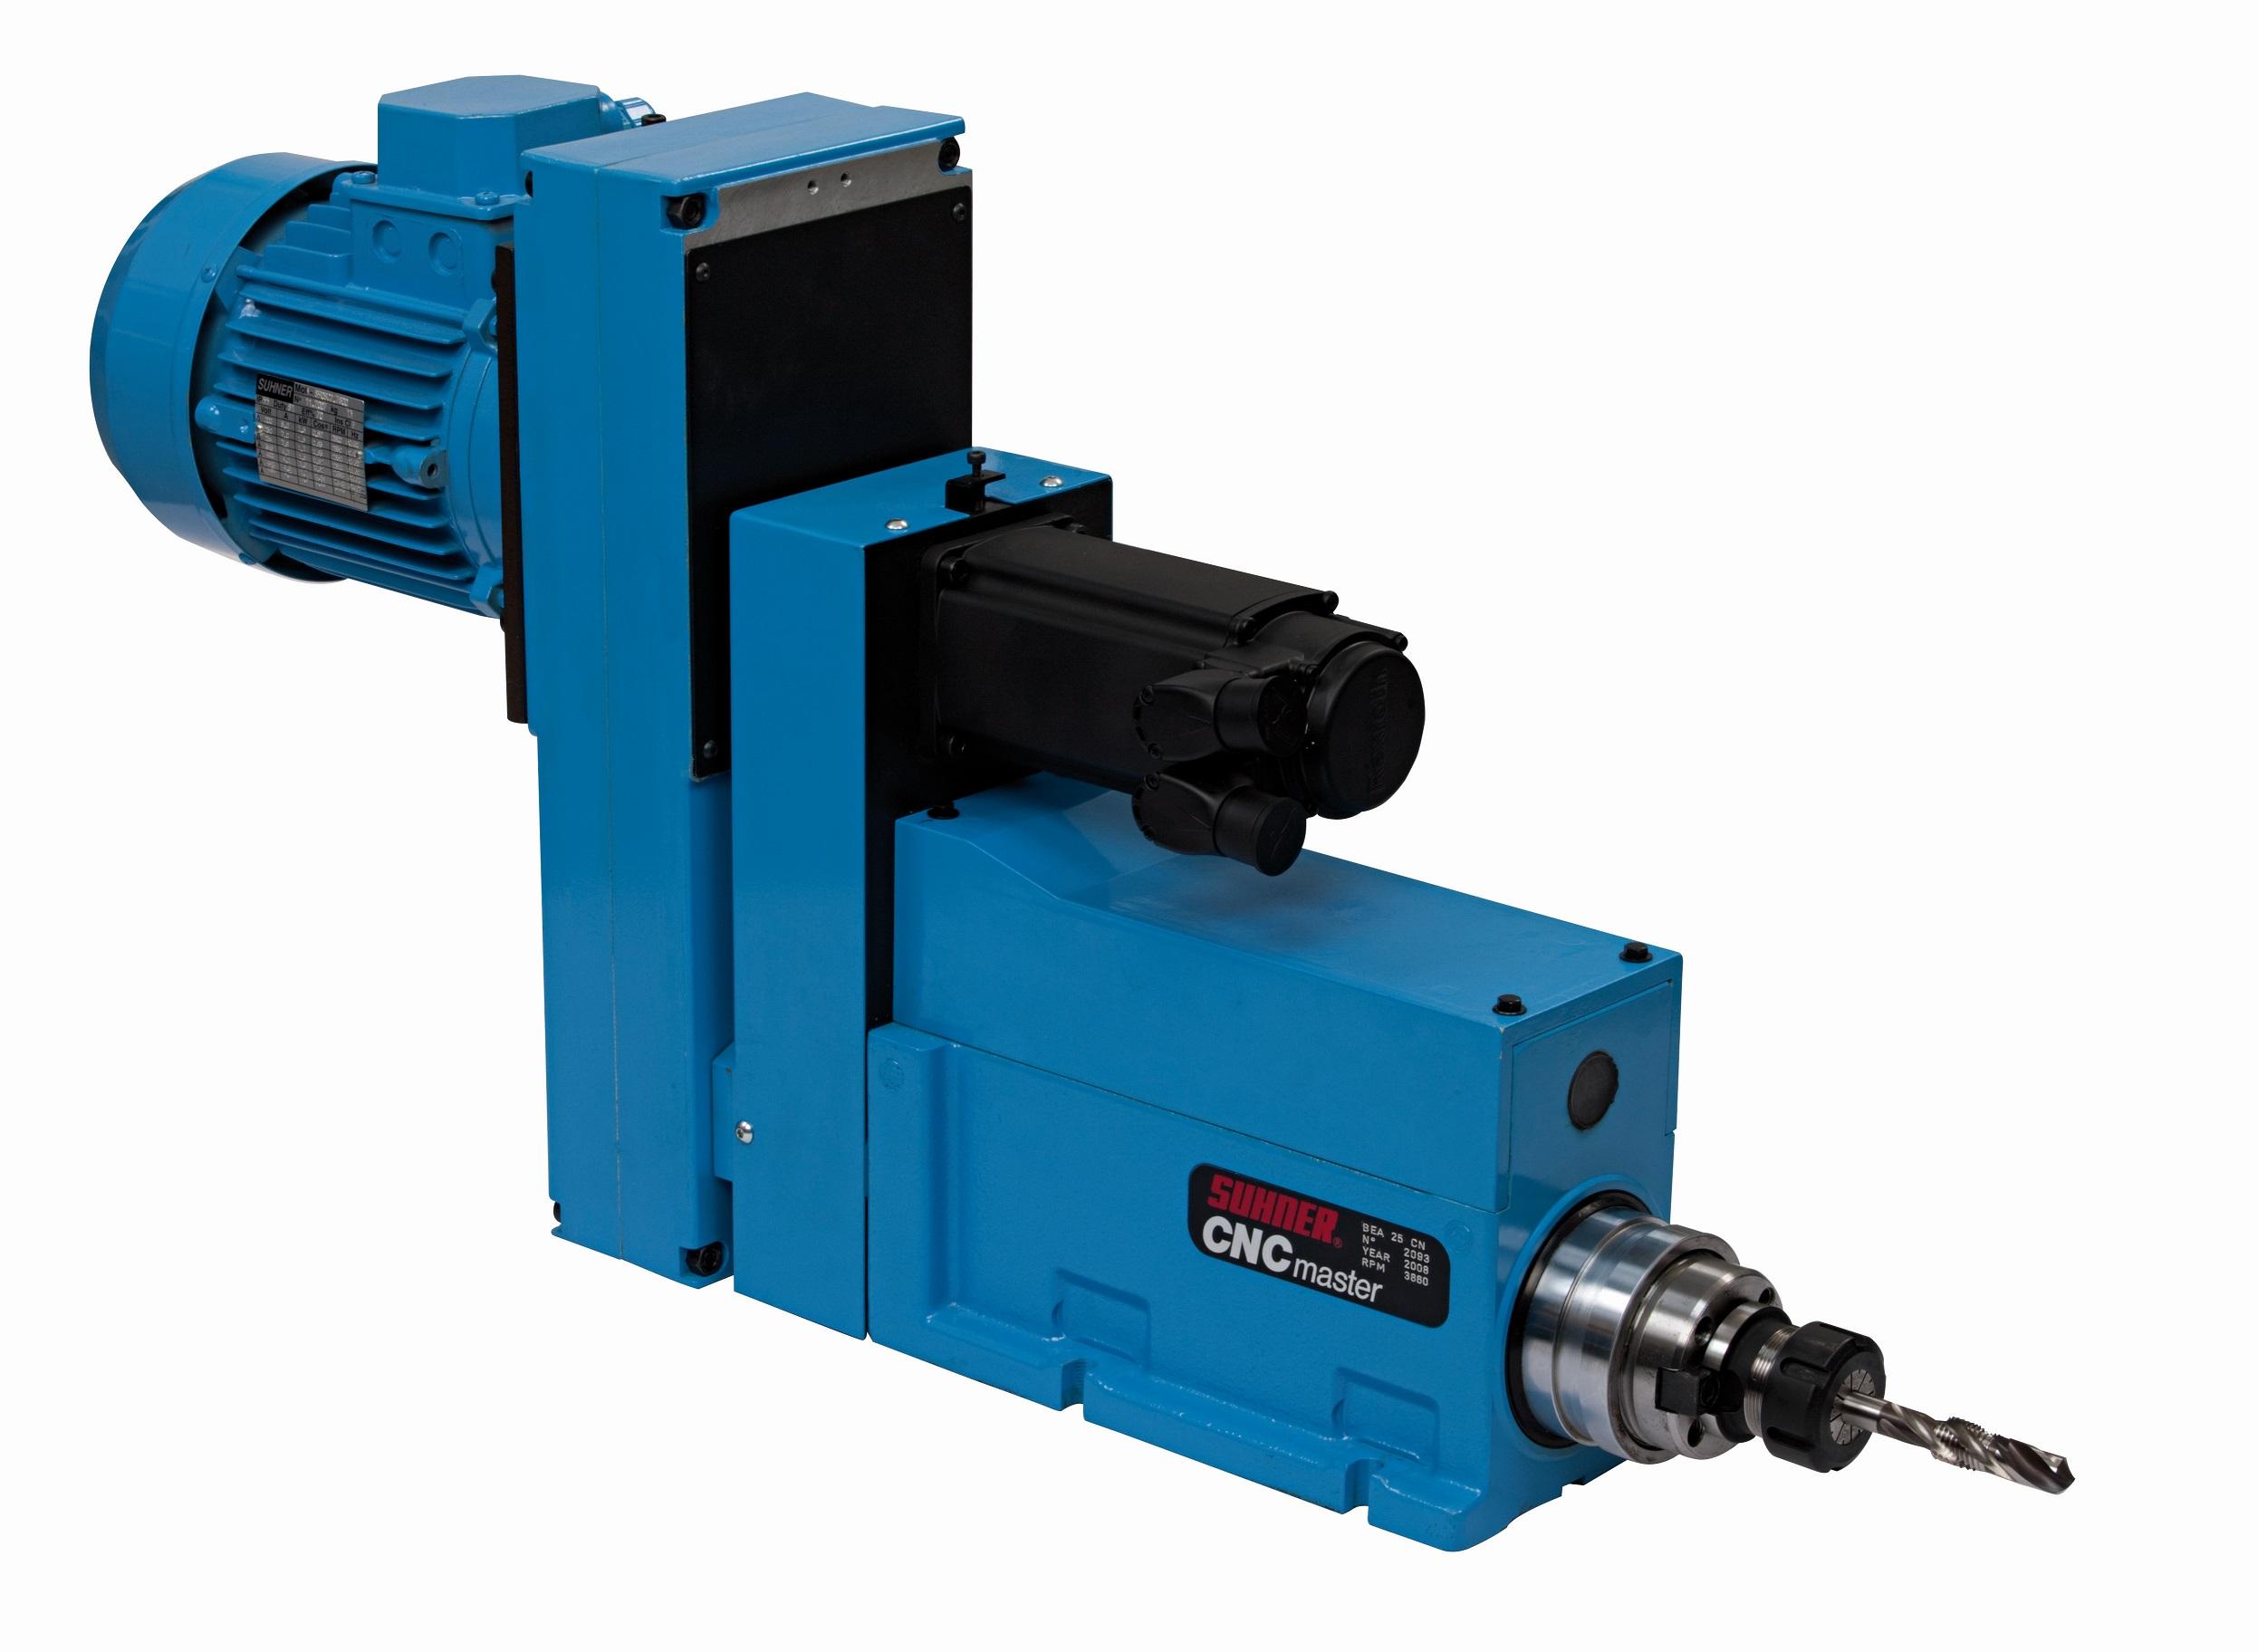 BEA25 CNC - Unité de perçage à commande numérique